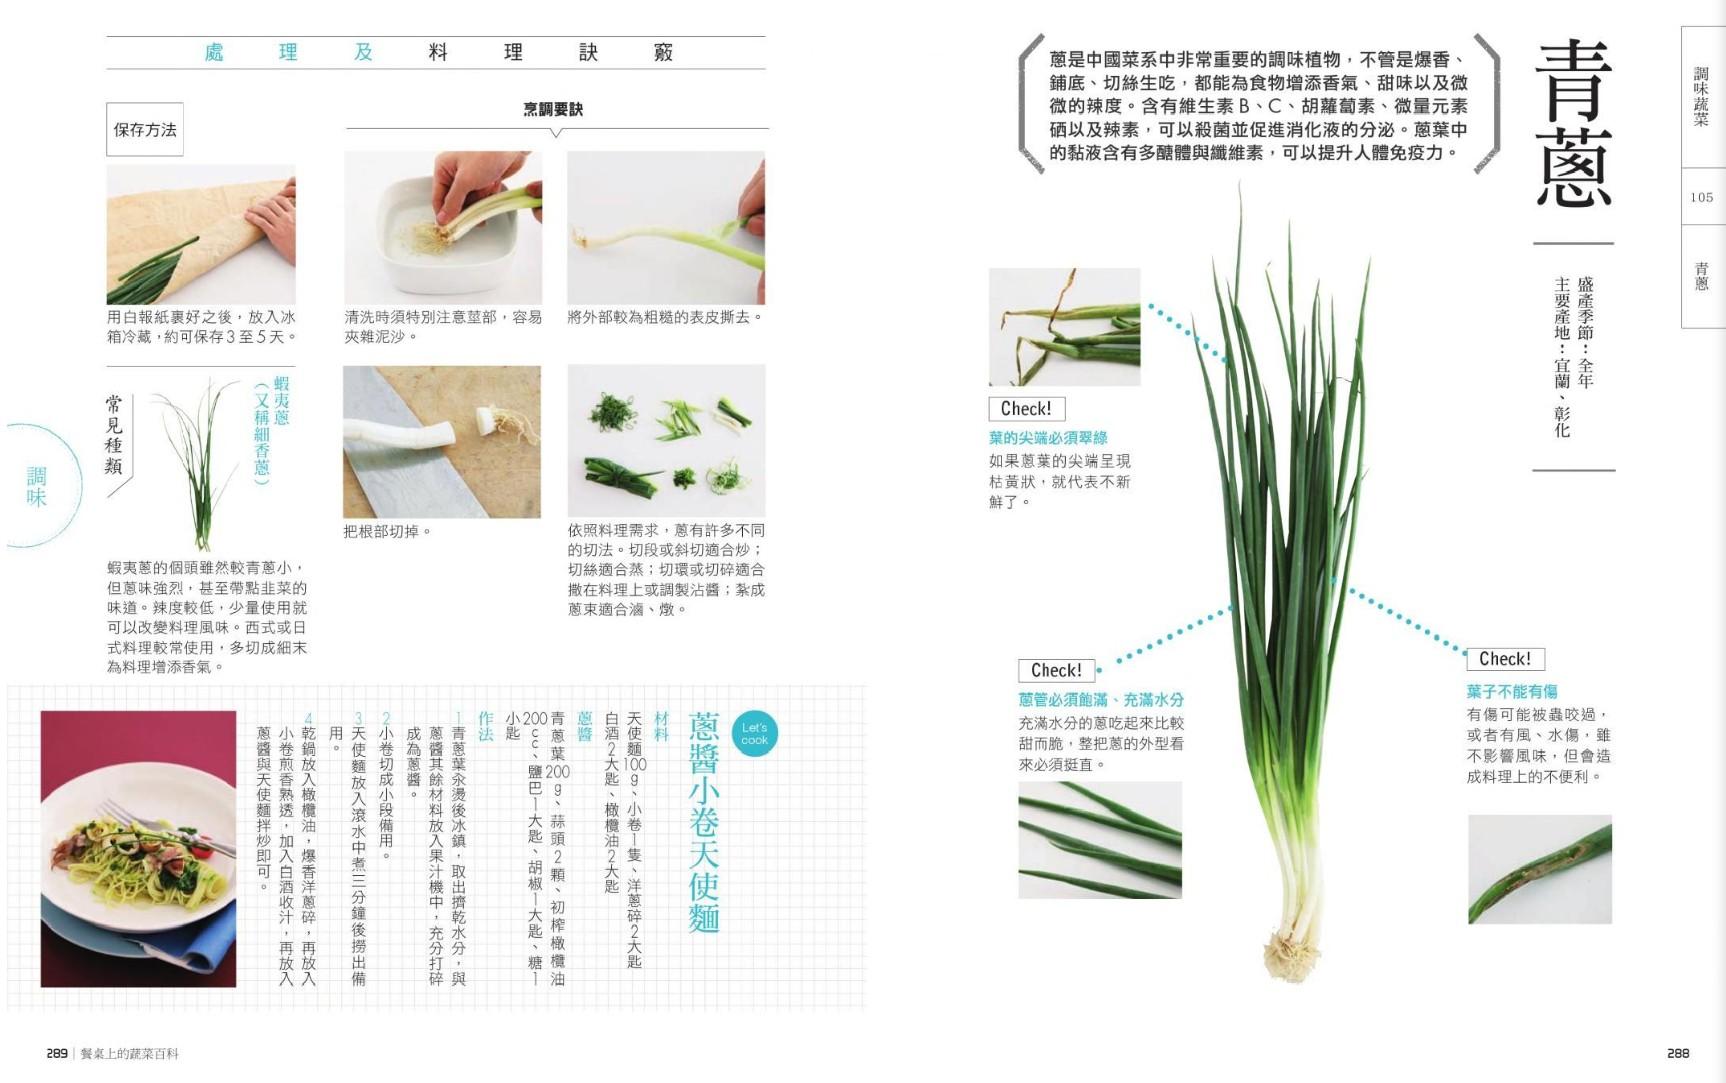 餐桌上的蔬菜百科:跟著季節吃好菜!聰明採買輕鬆料理的全食材事典-青蔥